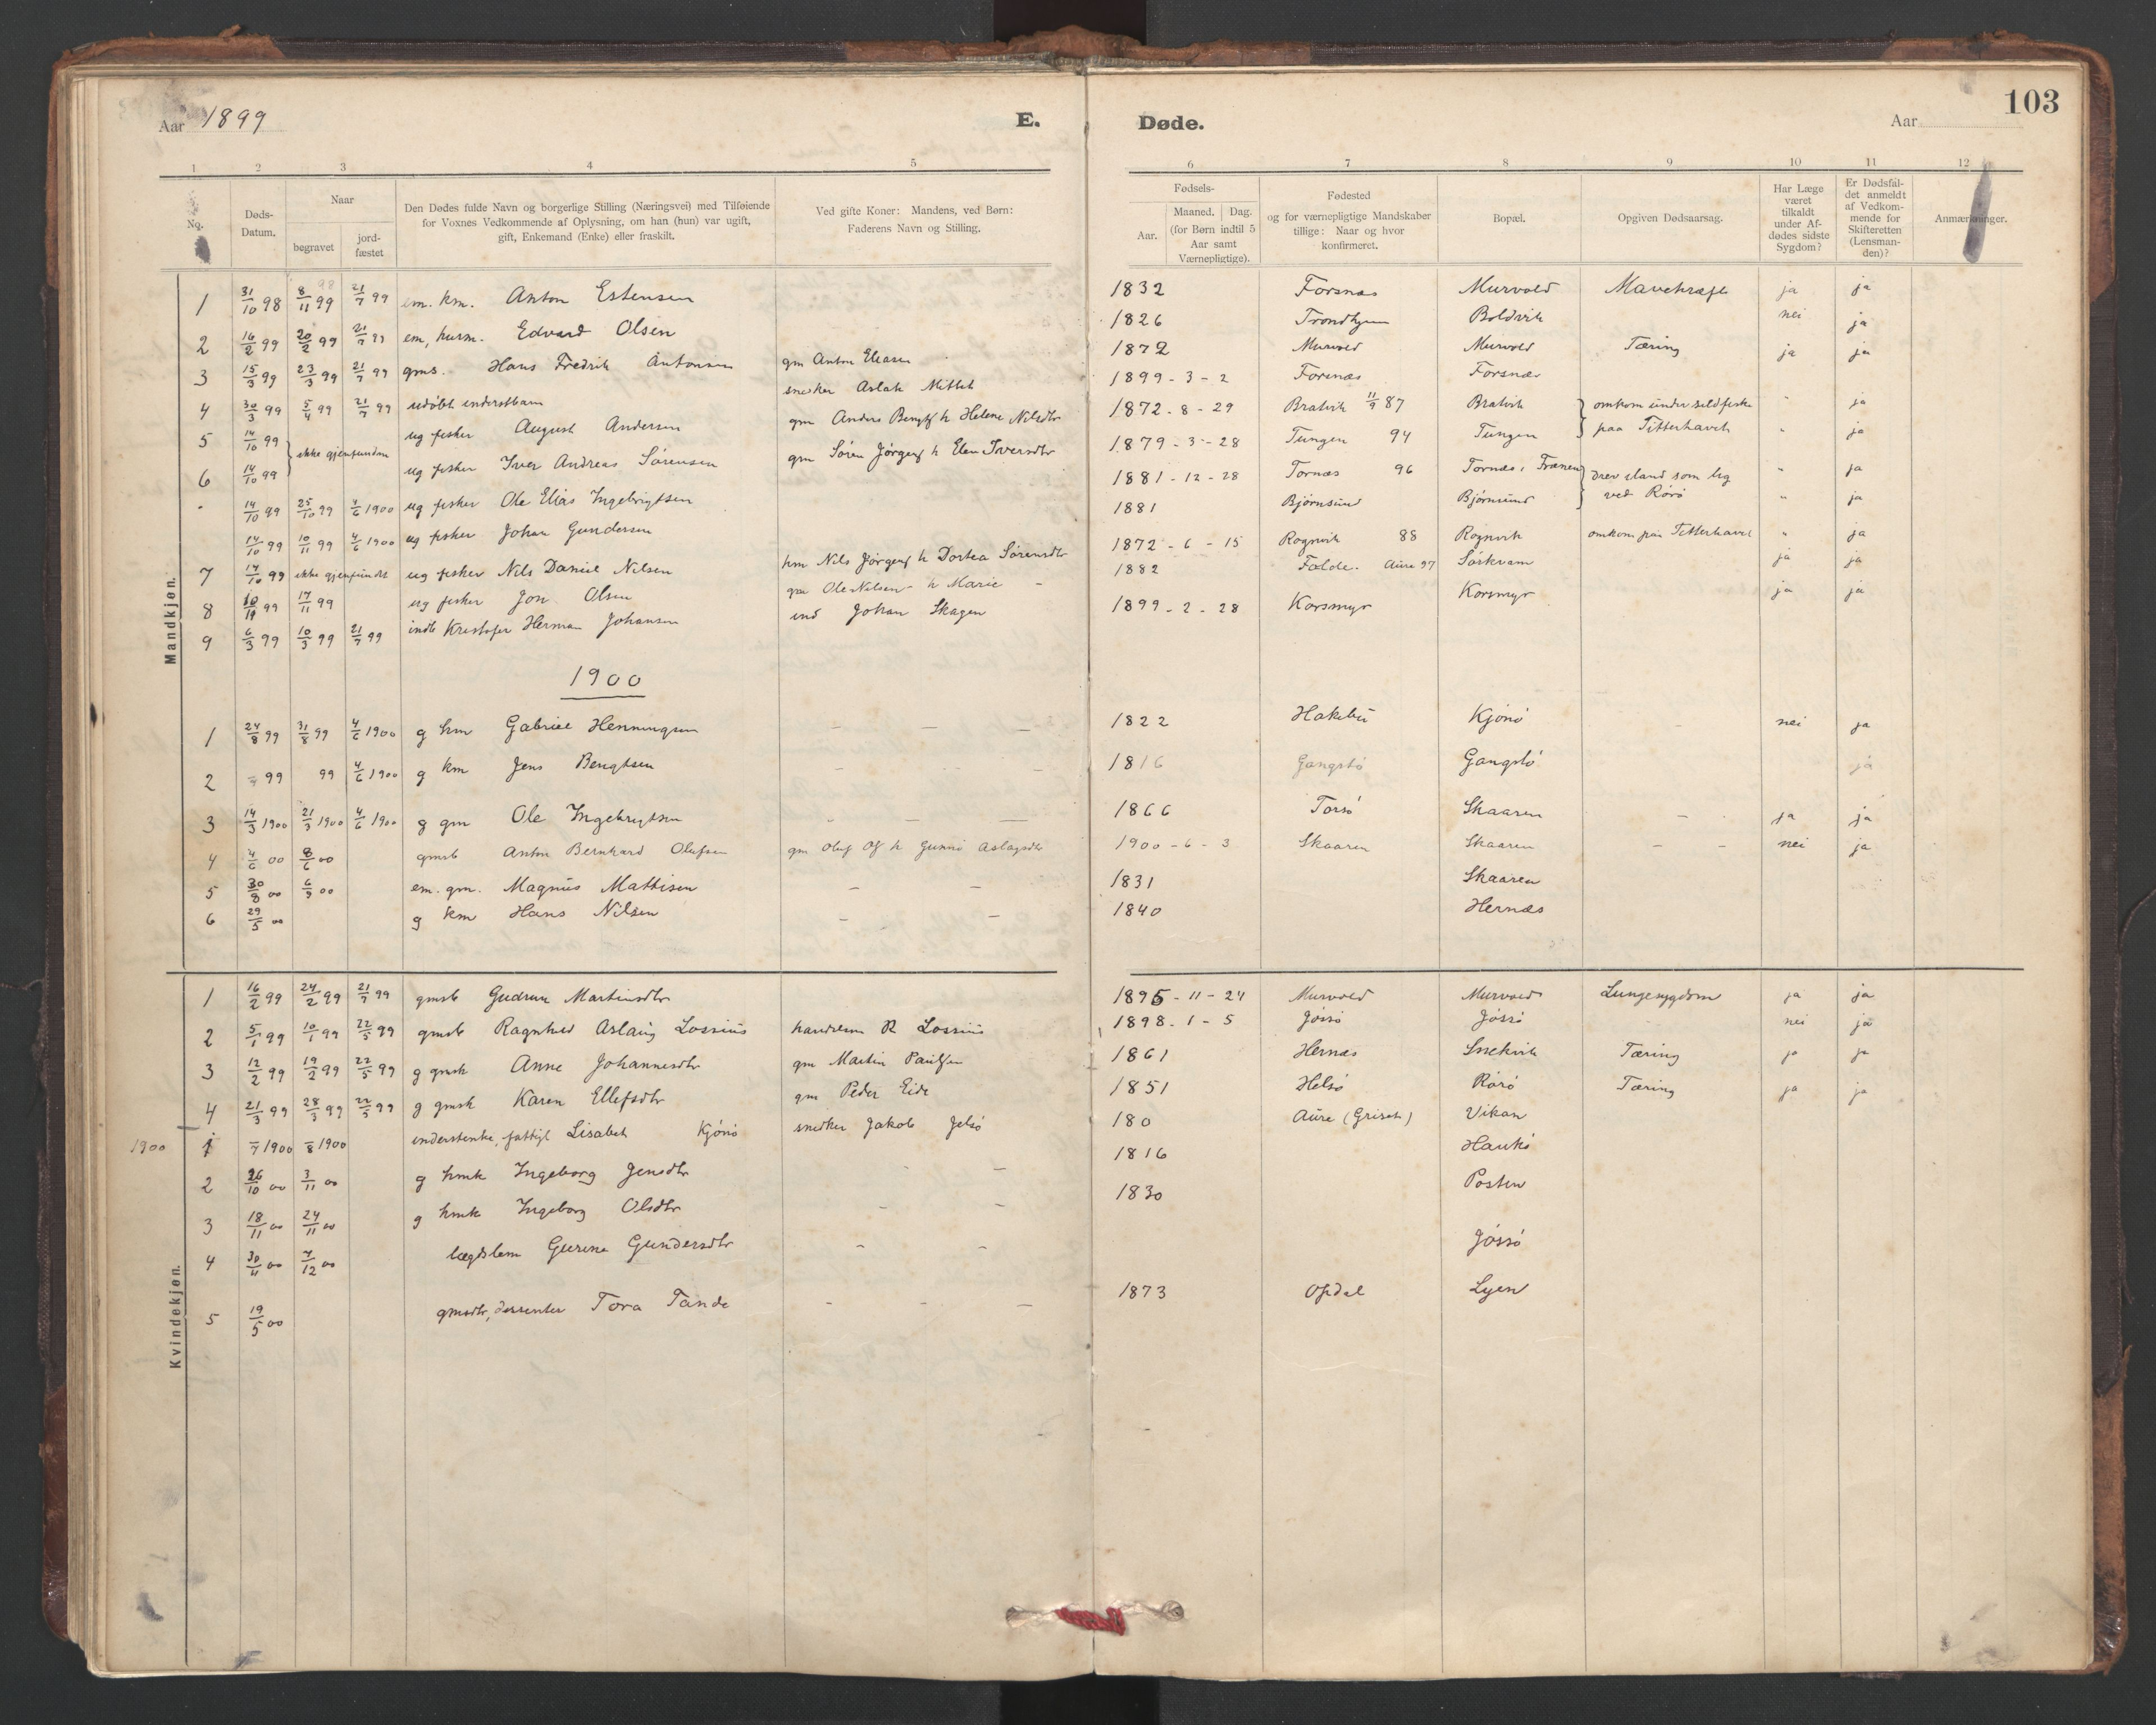 SAT, Ministerialprotokoller, klokkerbøker og fødselsregistre - Sør-Trøndelag, 635/L0552: Ministerialbok nr. 635A02, 1899-1919, s. 103